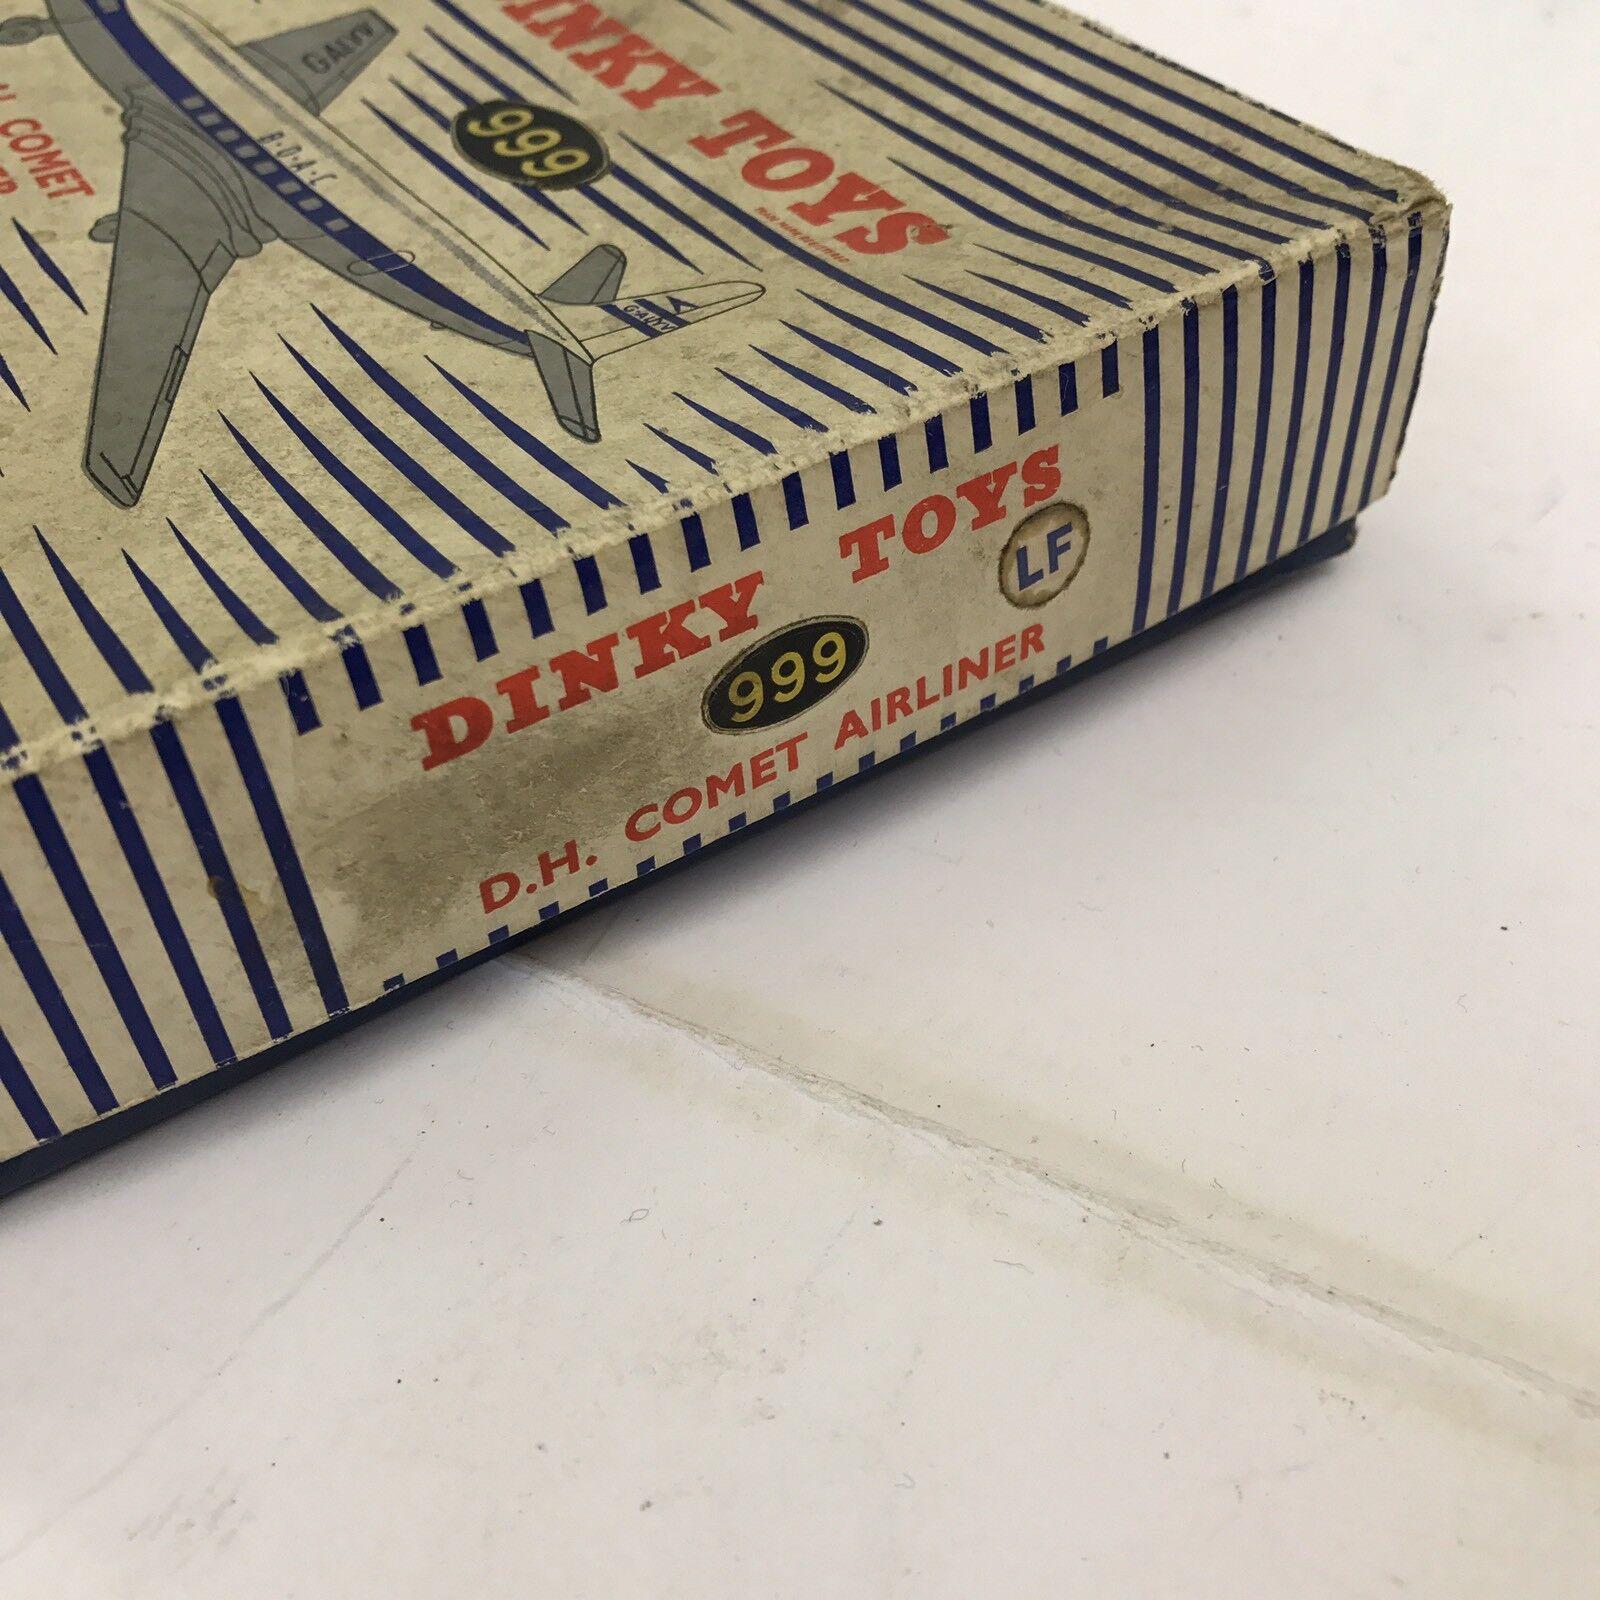 Fuxi double à, viens! Vintage DINKY DINKY DINKY TOYS long D.H. COMET avion no 999 Boxed | Sale  | Ont Longtemps Joui D'une Grande Renommée  | élégante Et Gracieuse  943d34